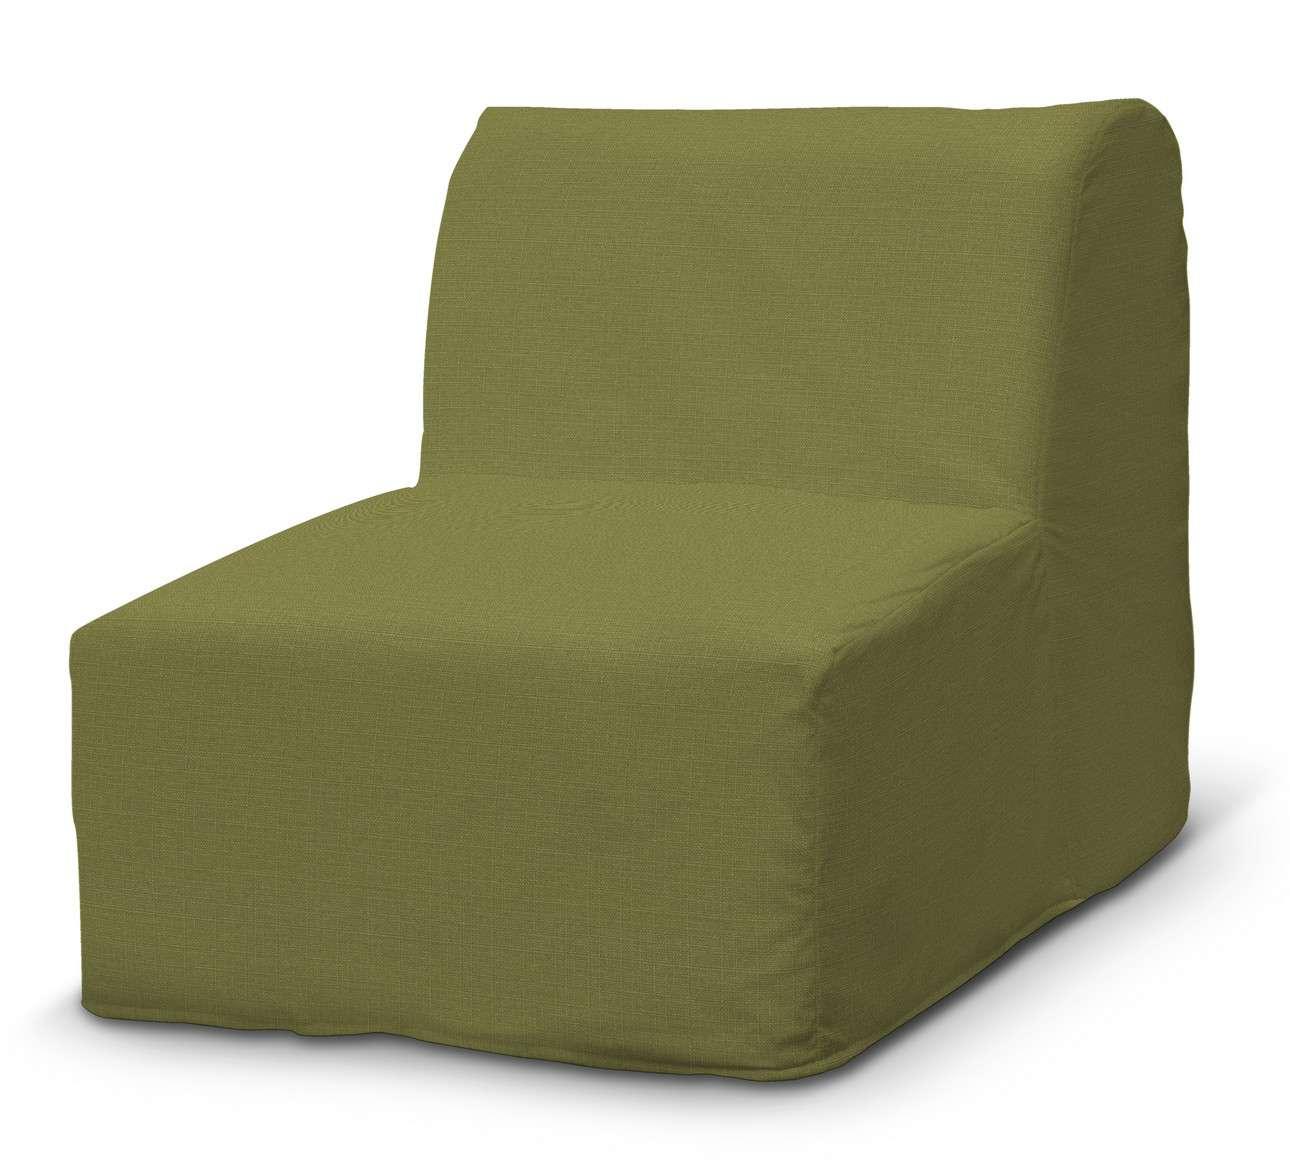 Pokrowiec na fotel Lycksele prosty w kolekcji Living, tkanina: 161-13